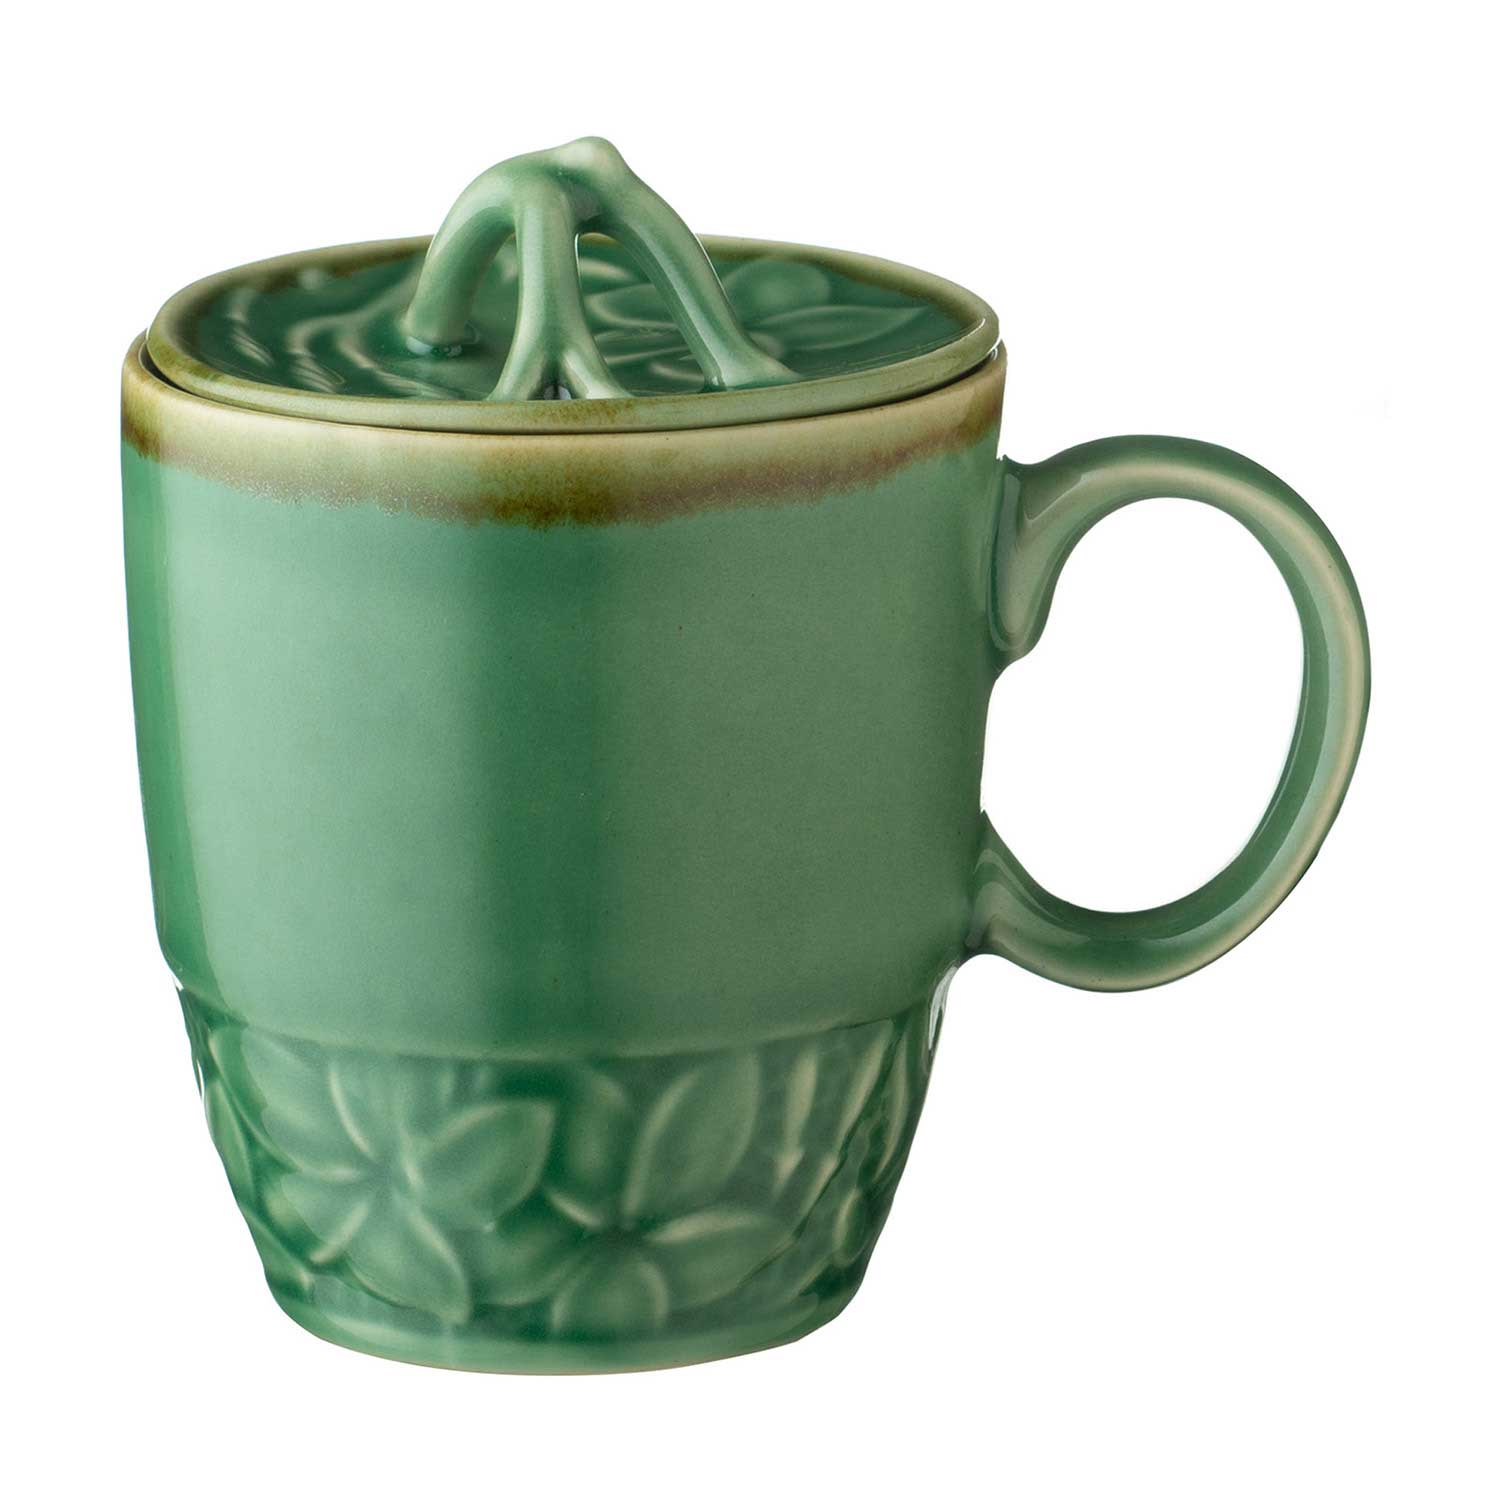 Frangipani Lid For Mug By Lukas